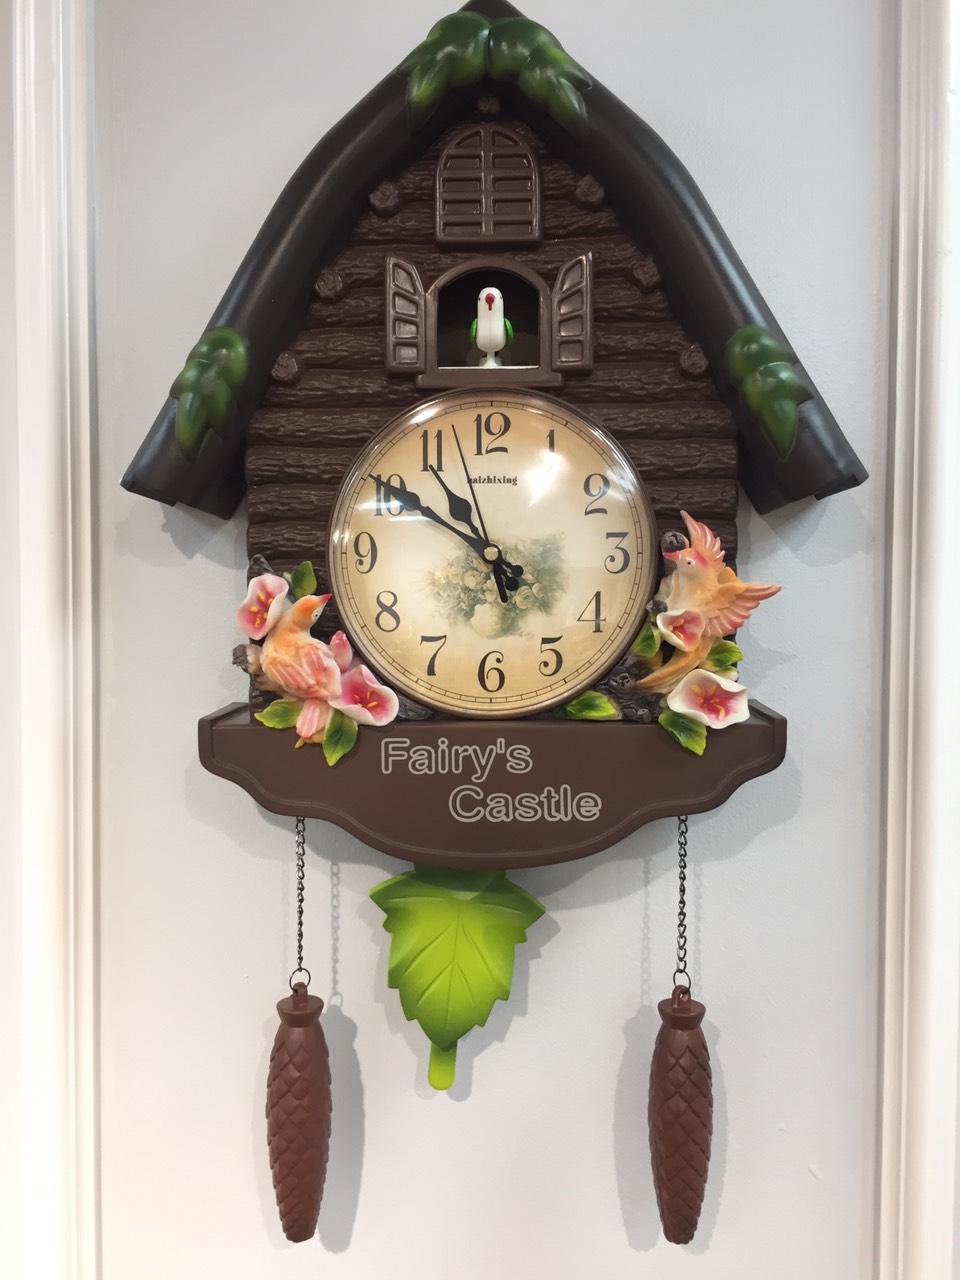 Đồng hồ treo tường cúc cu - Đồng hồ treo tường con chim non mang phong cách tân cổ điển thanh lịch 60 phút đểm chuông một lần - Chất liệu Composite cao cấp